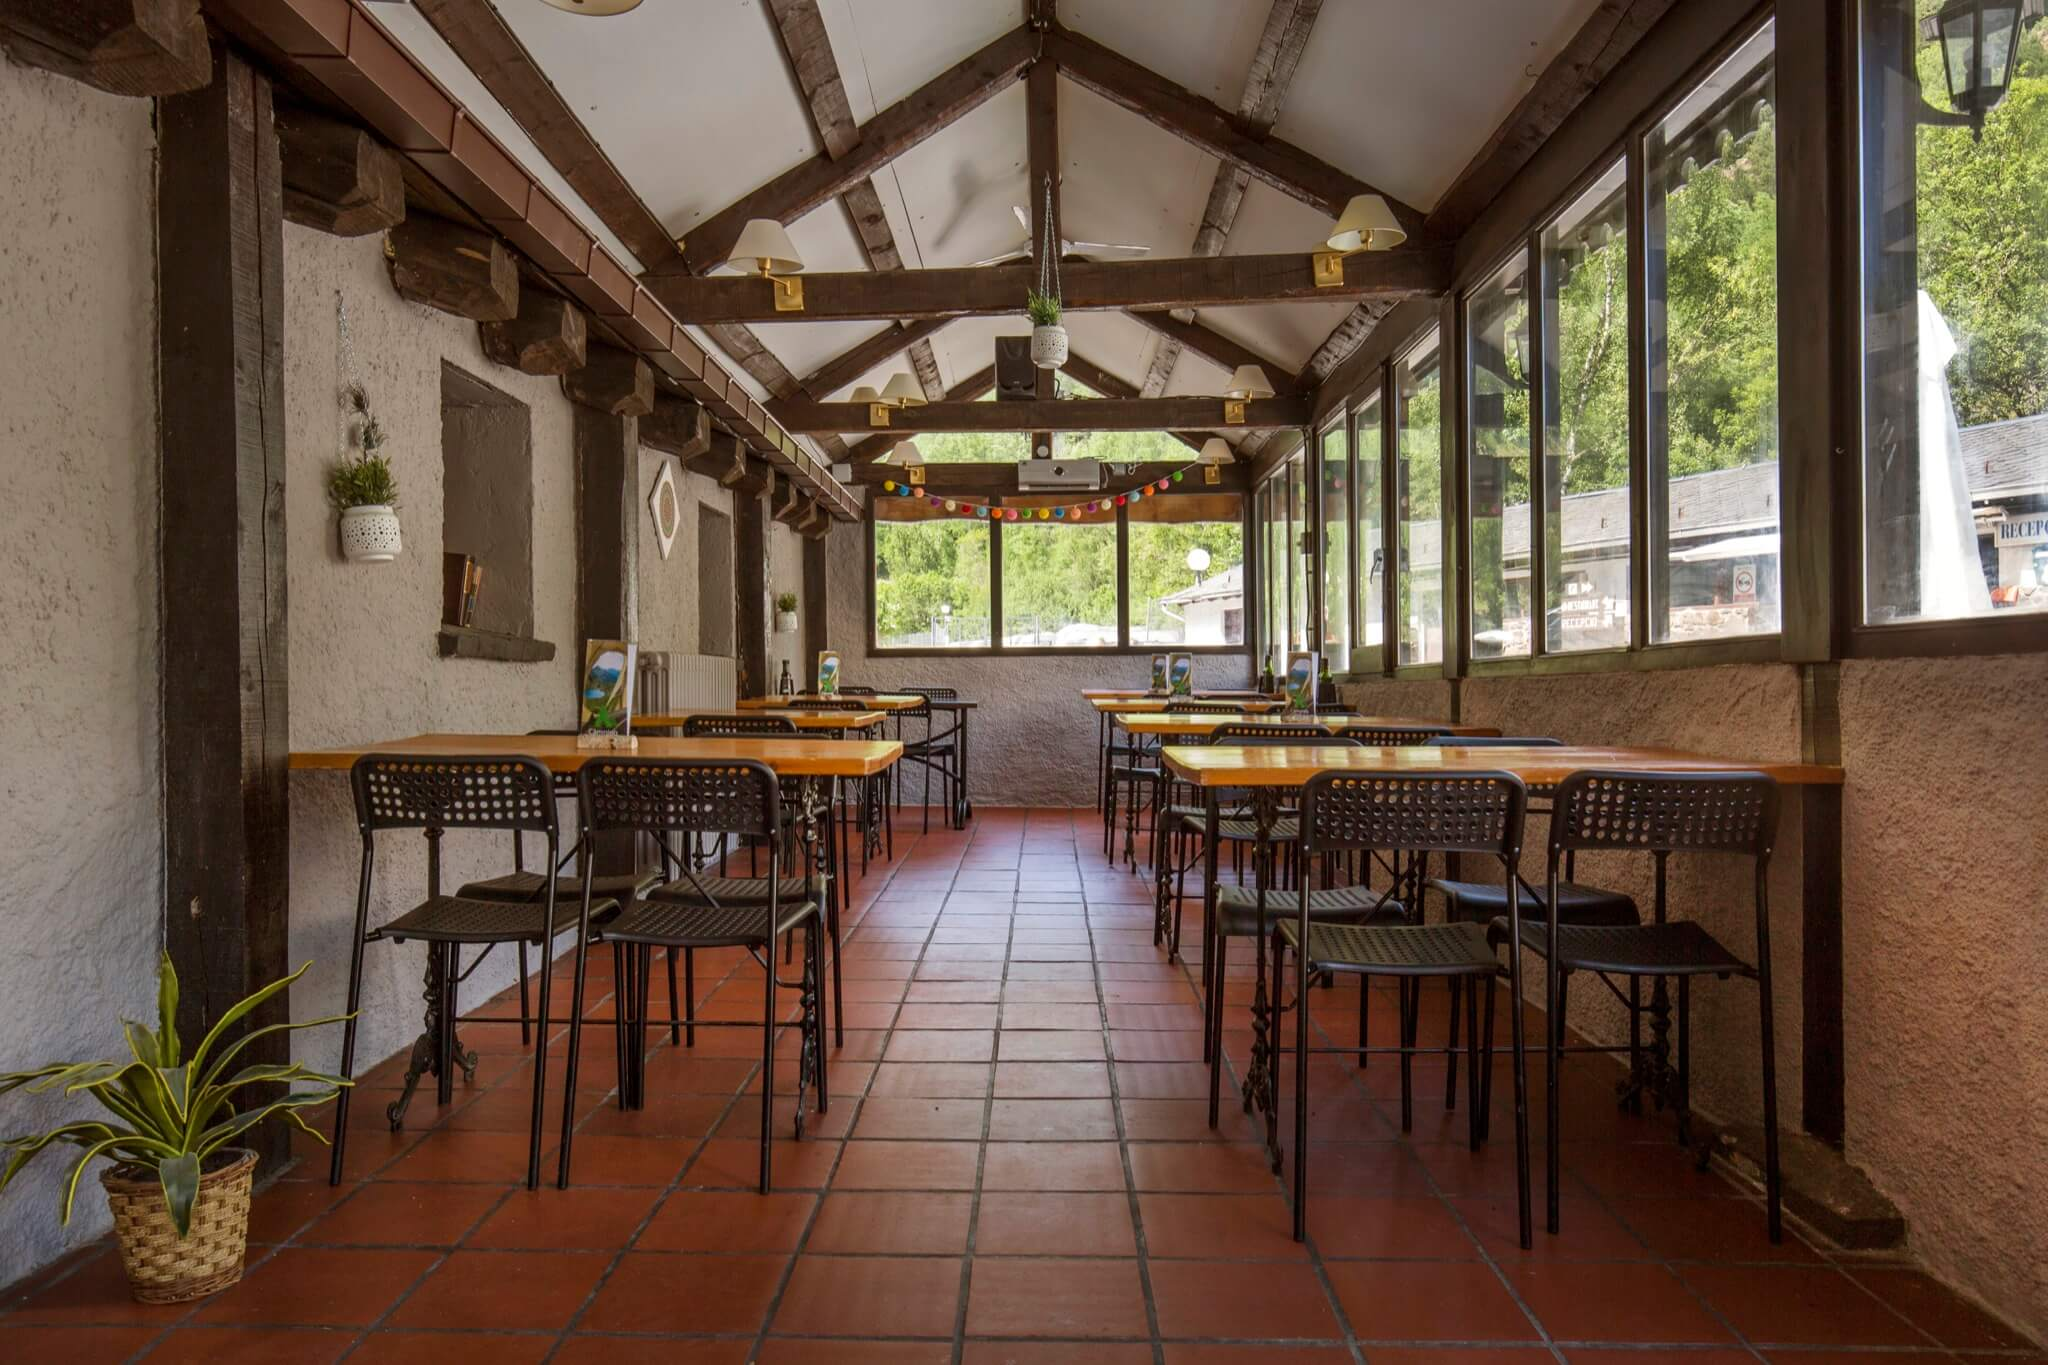 Annapurna_restaurante_verano1